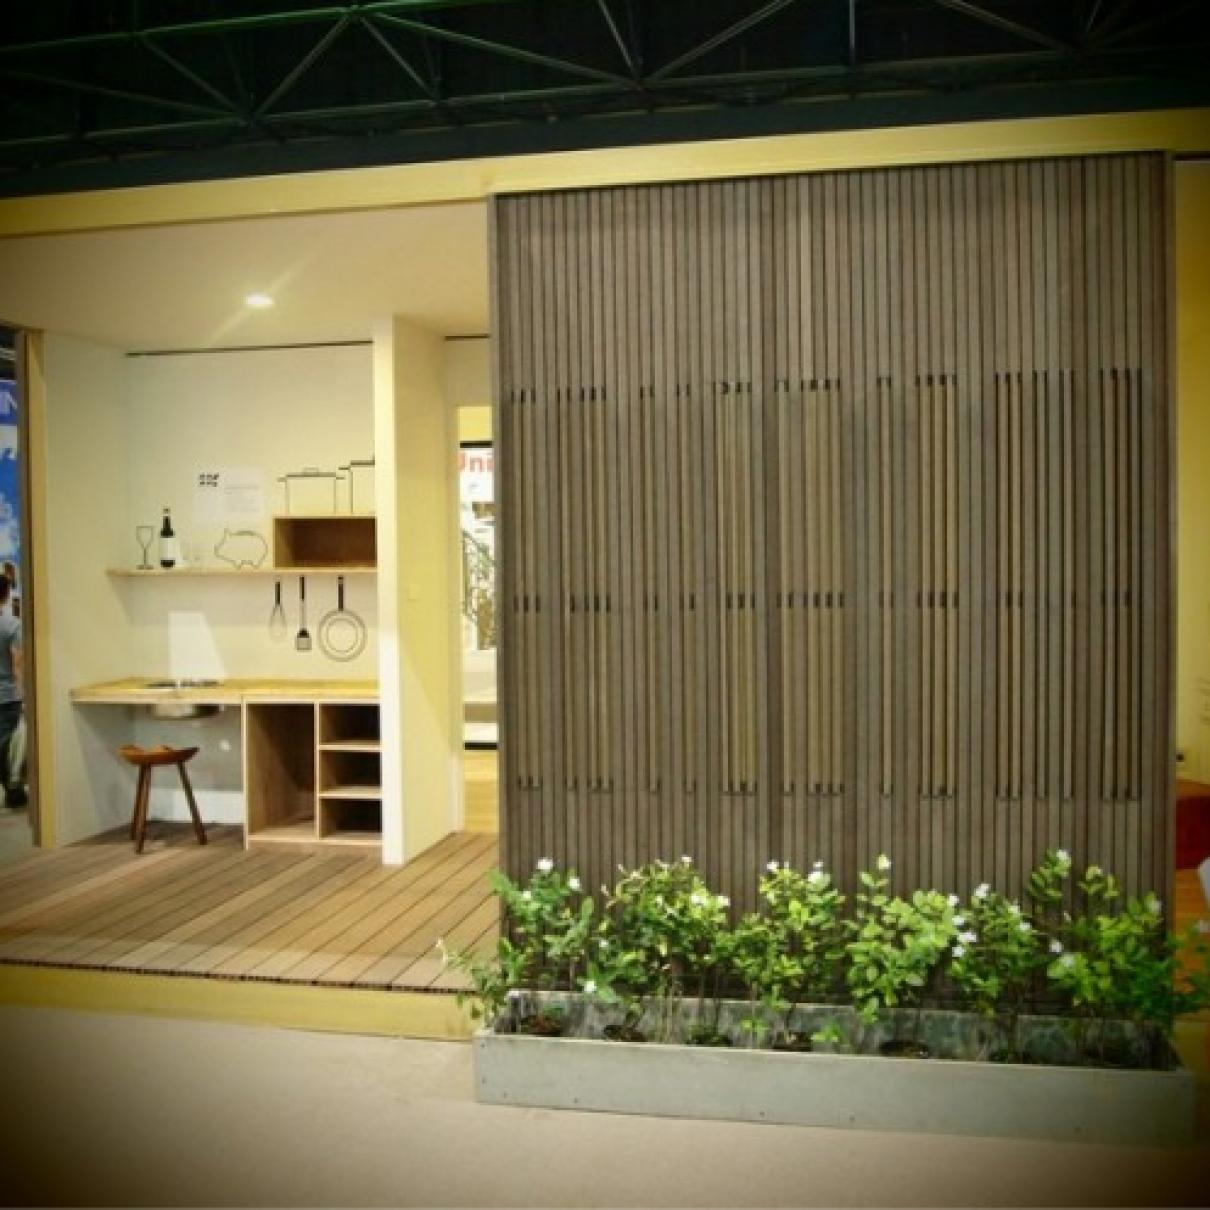 Geprefabriceerde minimalistische moderne woning